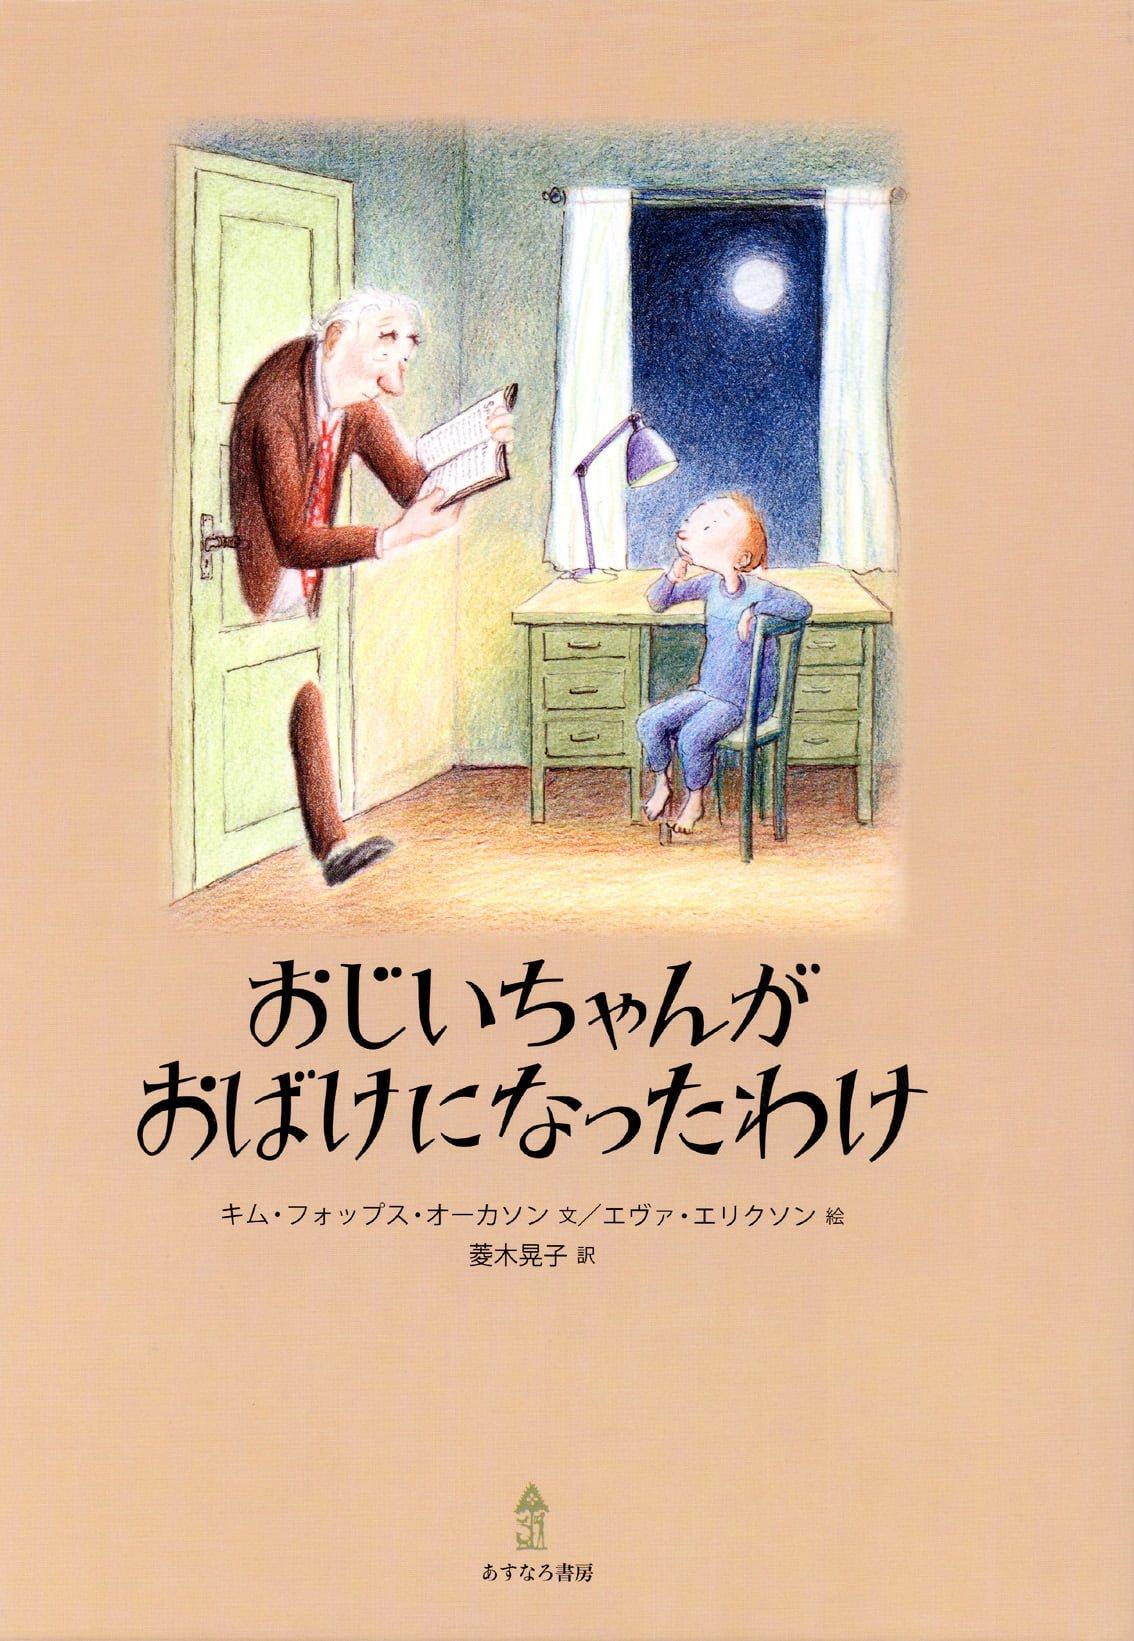 絵本「おじいちゃんがおばけになったわけ」の表紙